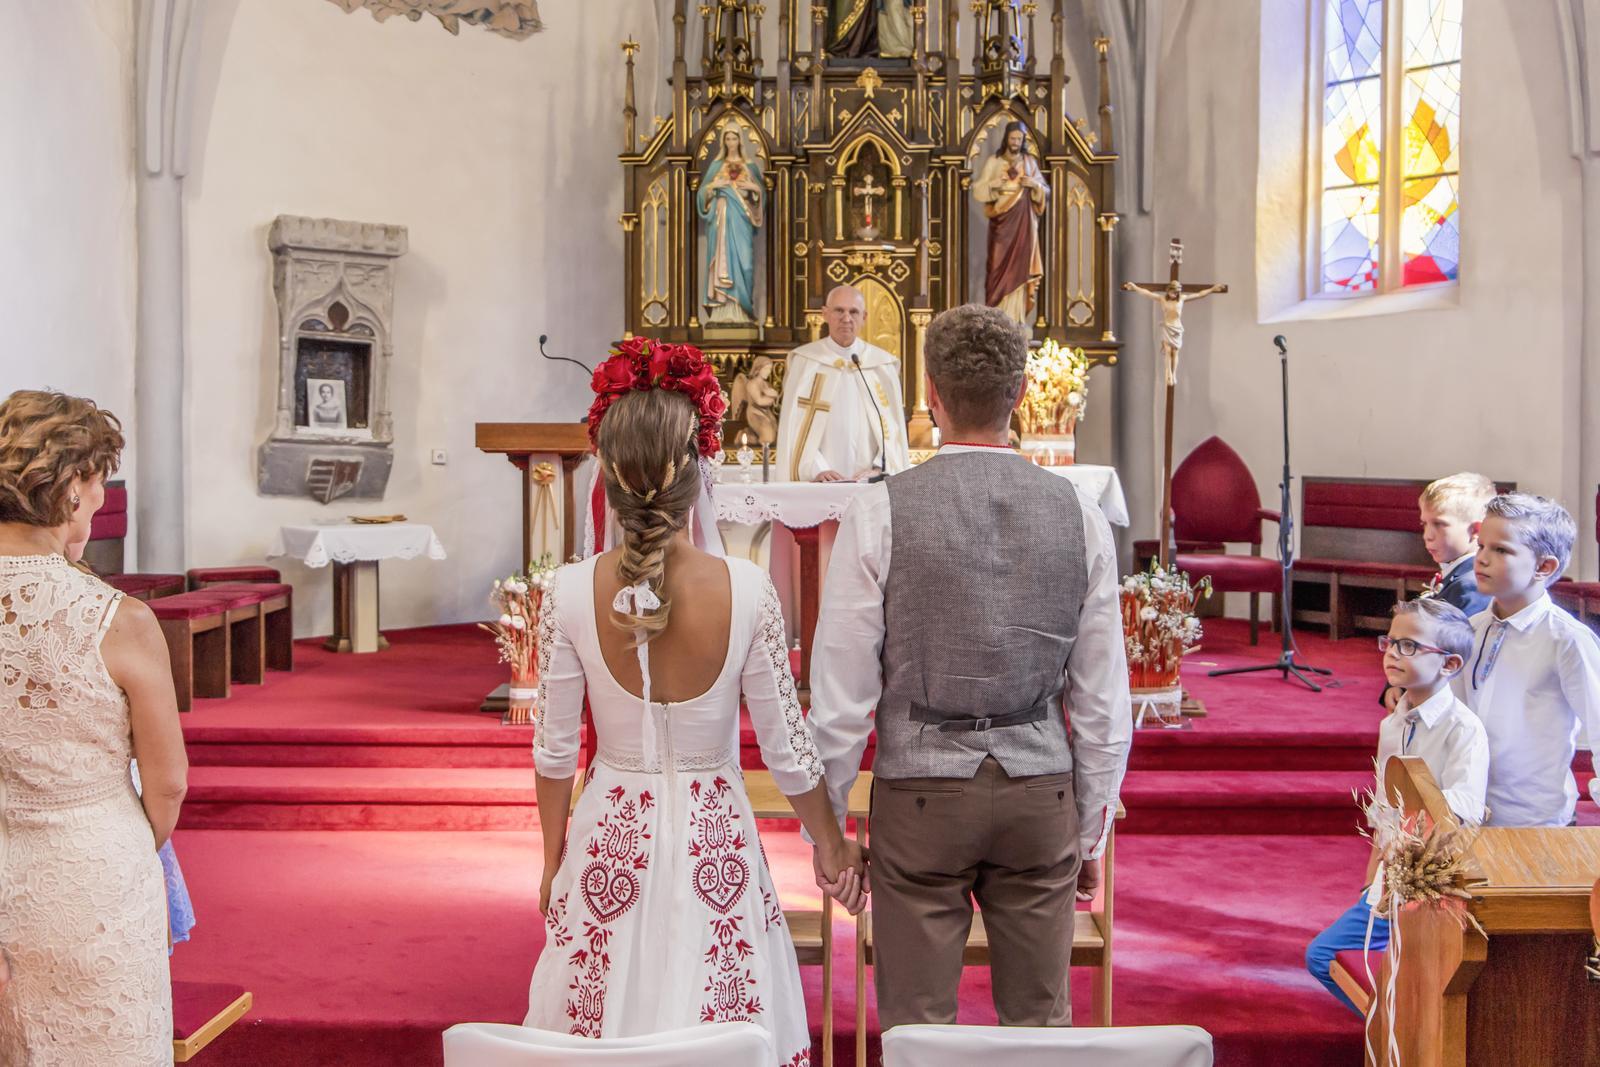 Svadba Majka a Vilko - Vinné 2018 - Obrázok č. 19